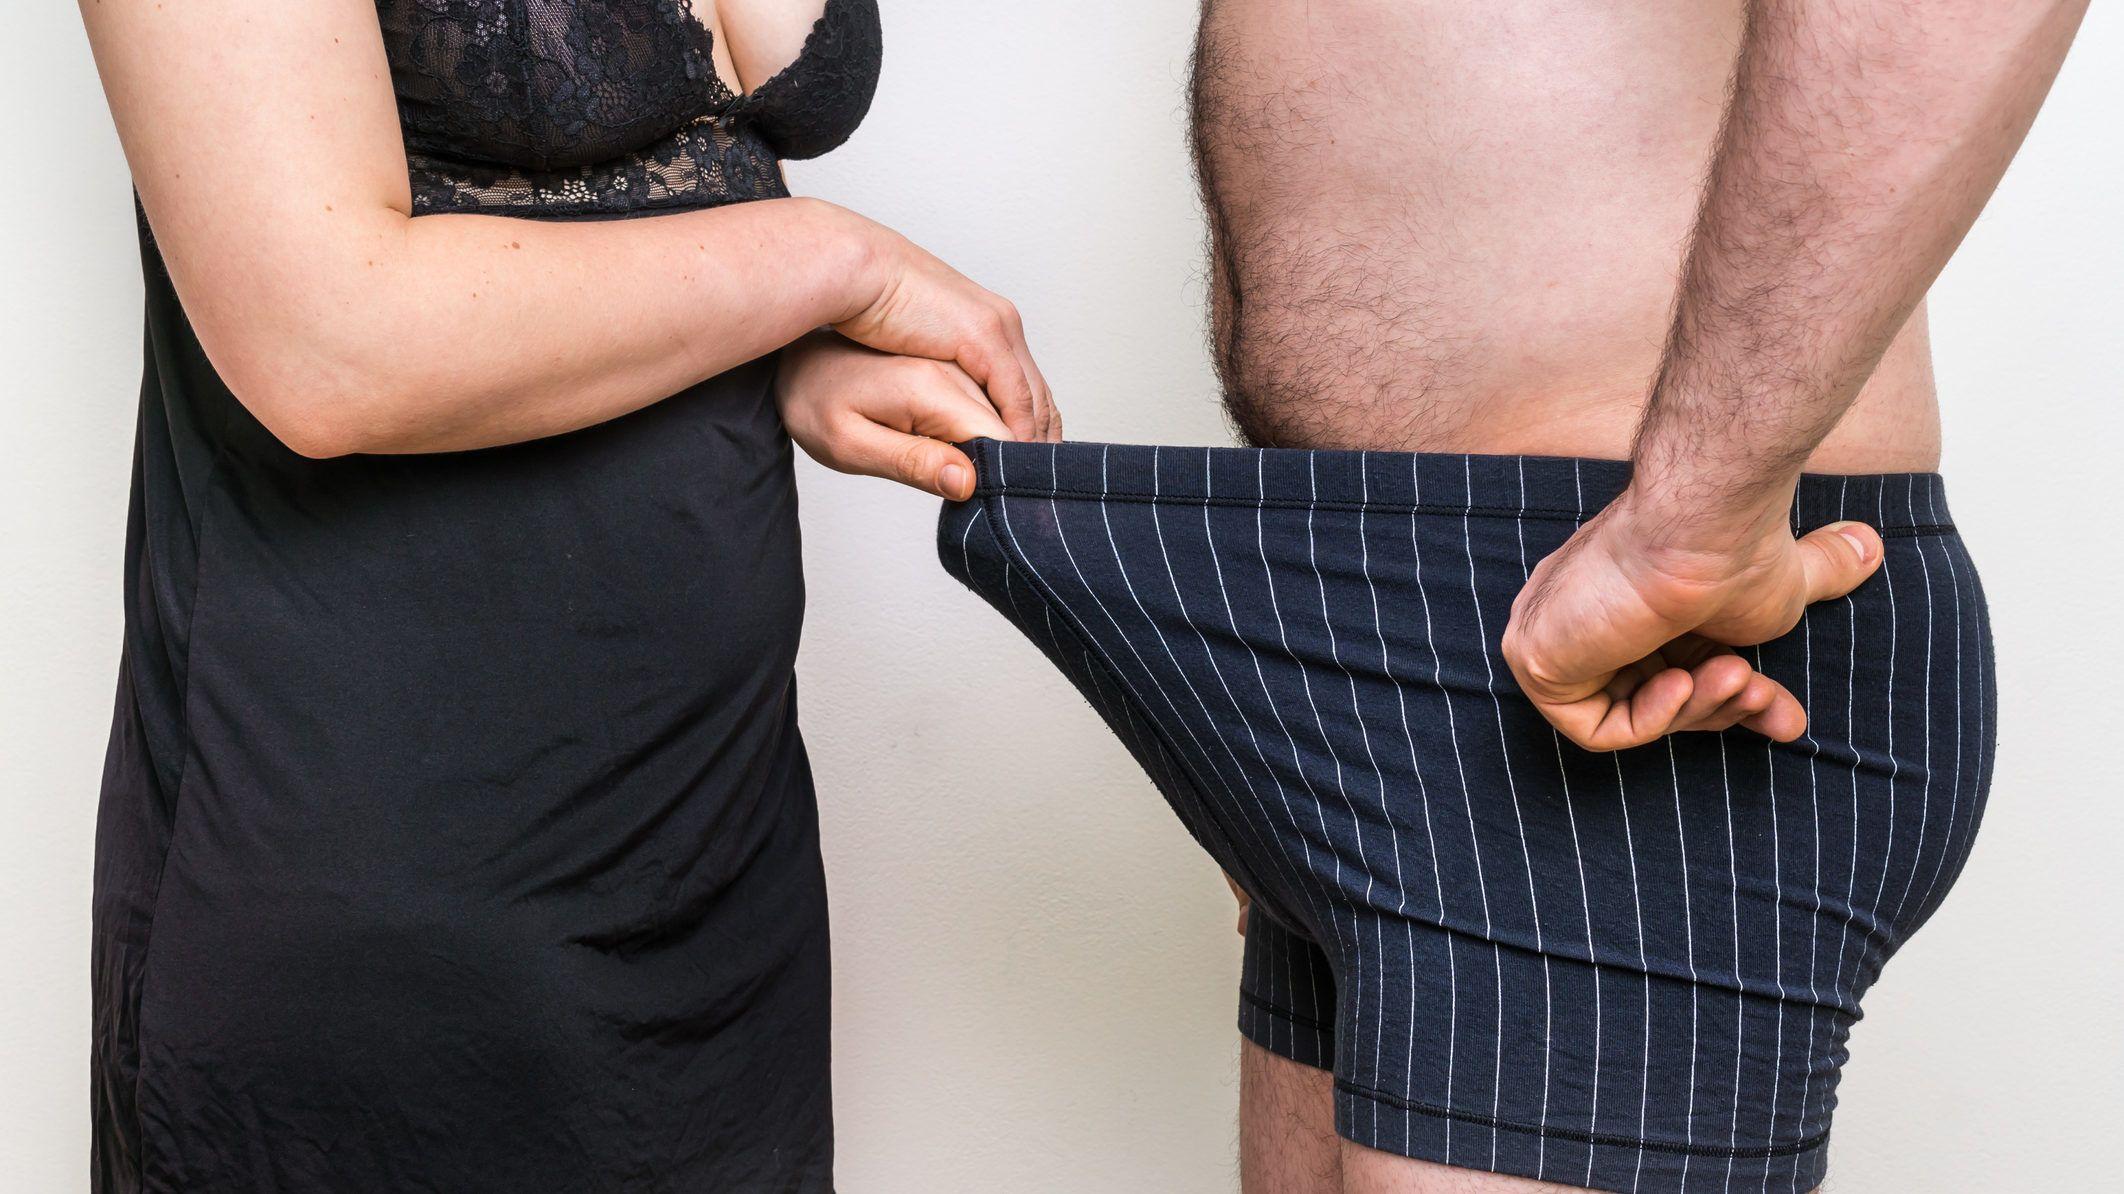 mi a legjobb péniszhossz hogyan lehet nagyítani a pénisz segítséget